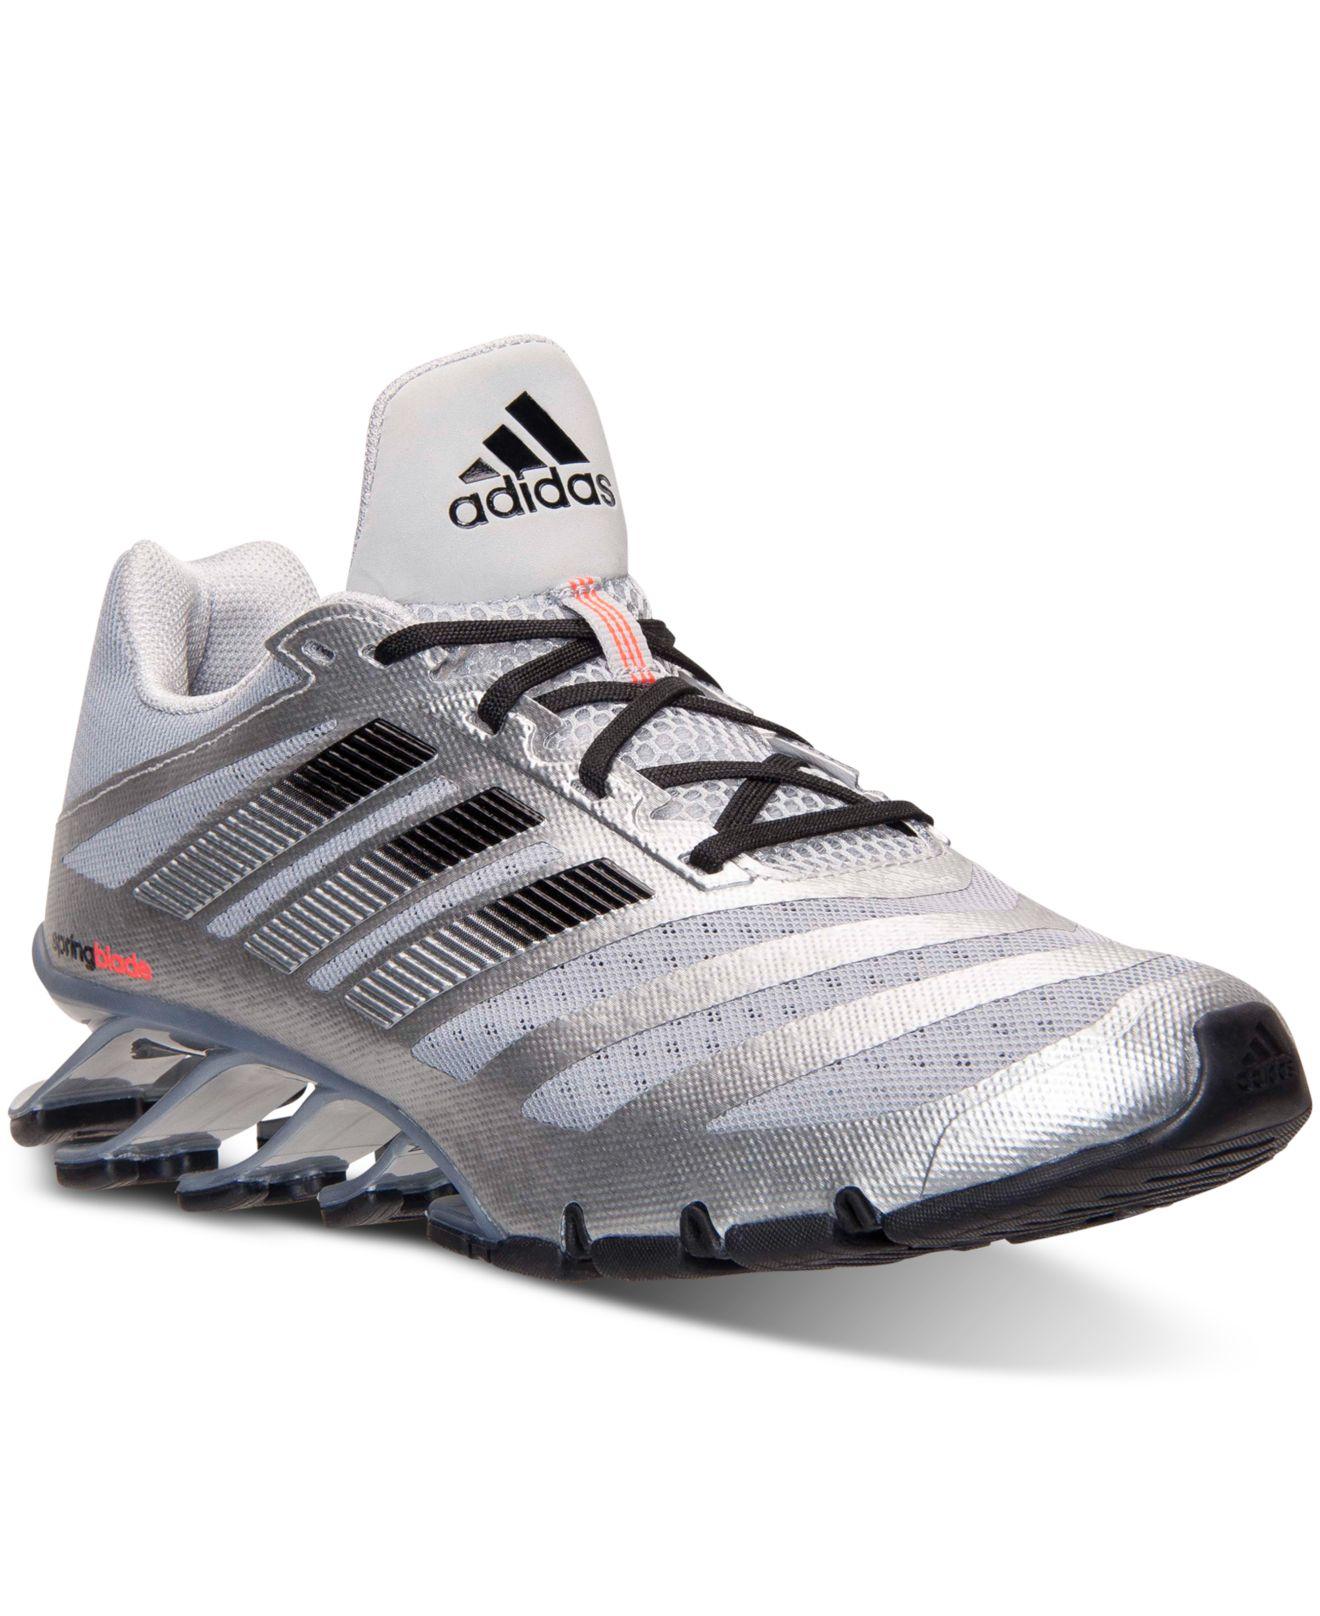 adidas springblade ignite shoes